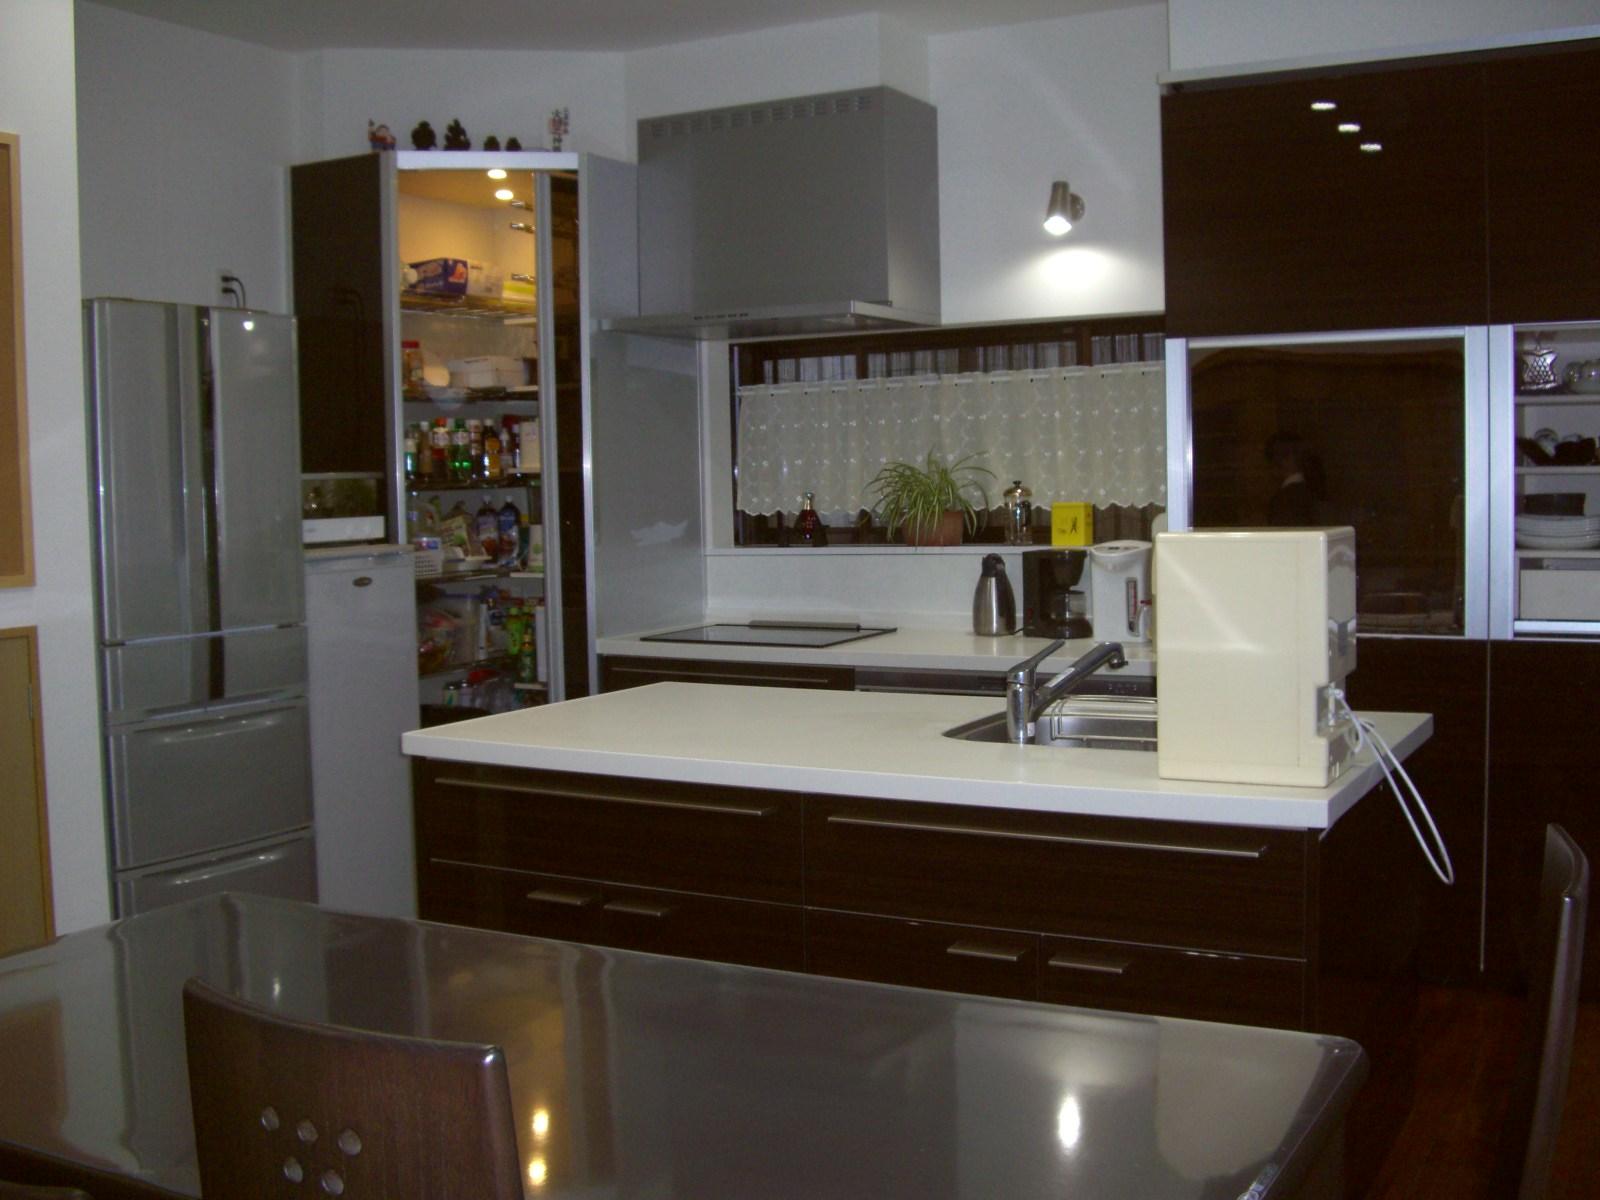 コーナーを生かしたウォークインタイプのストックルームを設け、様々なものを一括で収納ができ、掃除や管理もラクに行えます。